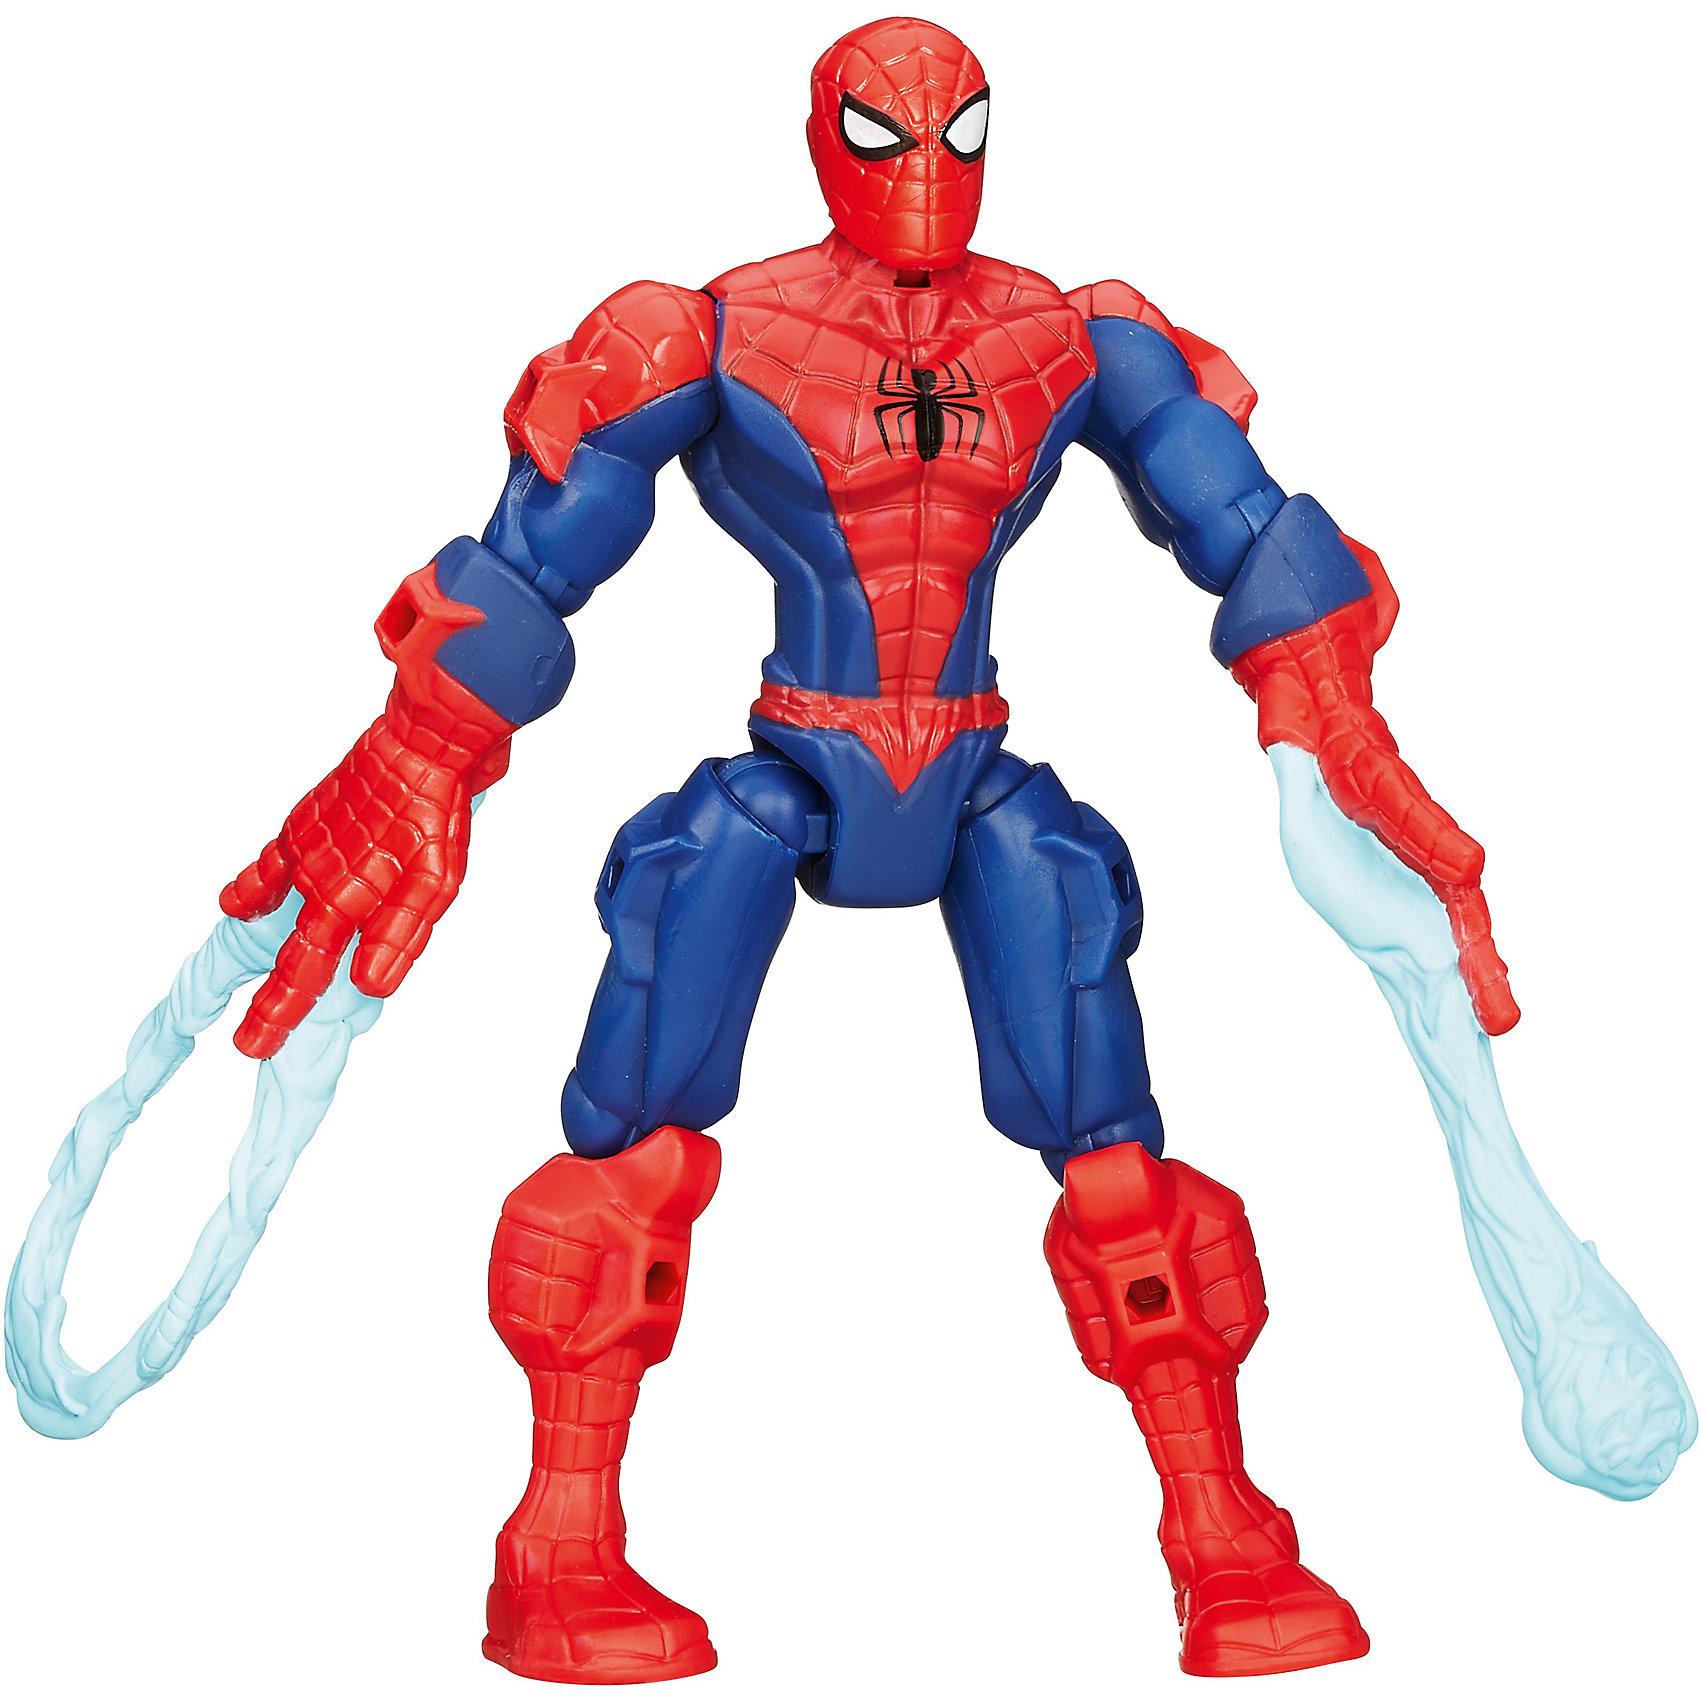 Разборная фигурка Марвел Человек-паук, Hero MashersПопробуй совершенно новый способ игры с героями Марвел. Разбирай фигурки и собирай своего супергероя, объединяя способности разных героев. Фигурки можно использовать с героями других линеек. Игрушки выполнены из высококачественных безопасных материалов, прекрасно детализированы, максимально похожи на персонажей фильма.  Разборные игрушки помогают развить мелкую моторику, логическое мышление и воображение ребенка.<br><br>Дополнительная информация:<br><br>- Комплектация: фигурка, аксессуар. <br>- Размер: 15 см.<br>- Материал: пластик.<br><br>Разборную фигурку Марвел, Hero Mashers, можно купить в нашем магазине.<br><br>Ширина мм: 210<br>Глубина мм: 154<br>Высота мм: 45<br>Вес г: 181<br>Возраст от месяцев: 48<br>Возраст до месяцев: 96<br>Пол: Мужской<br>Возраст: Детский<br>SKU: 4874291